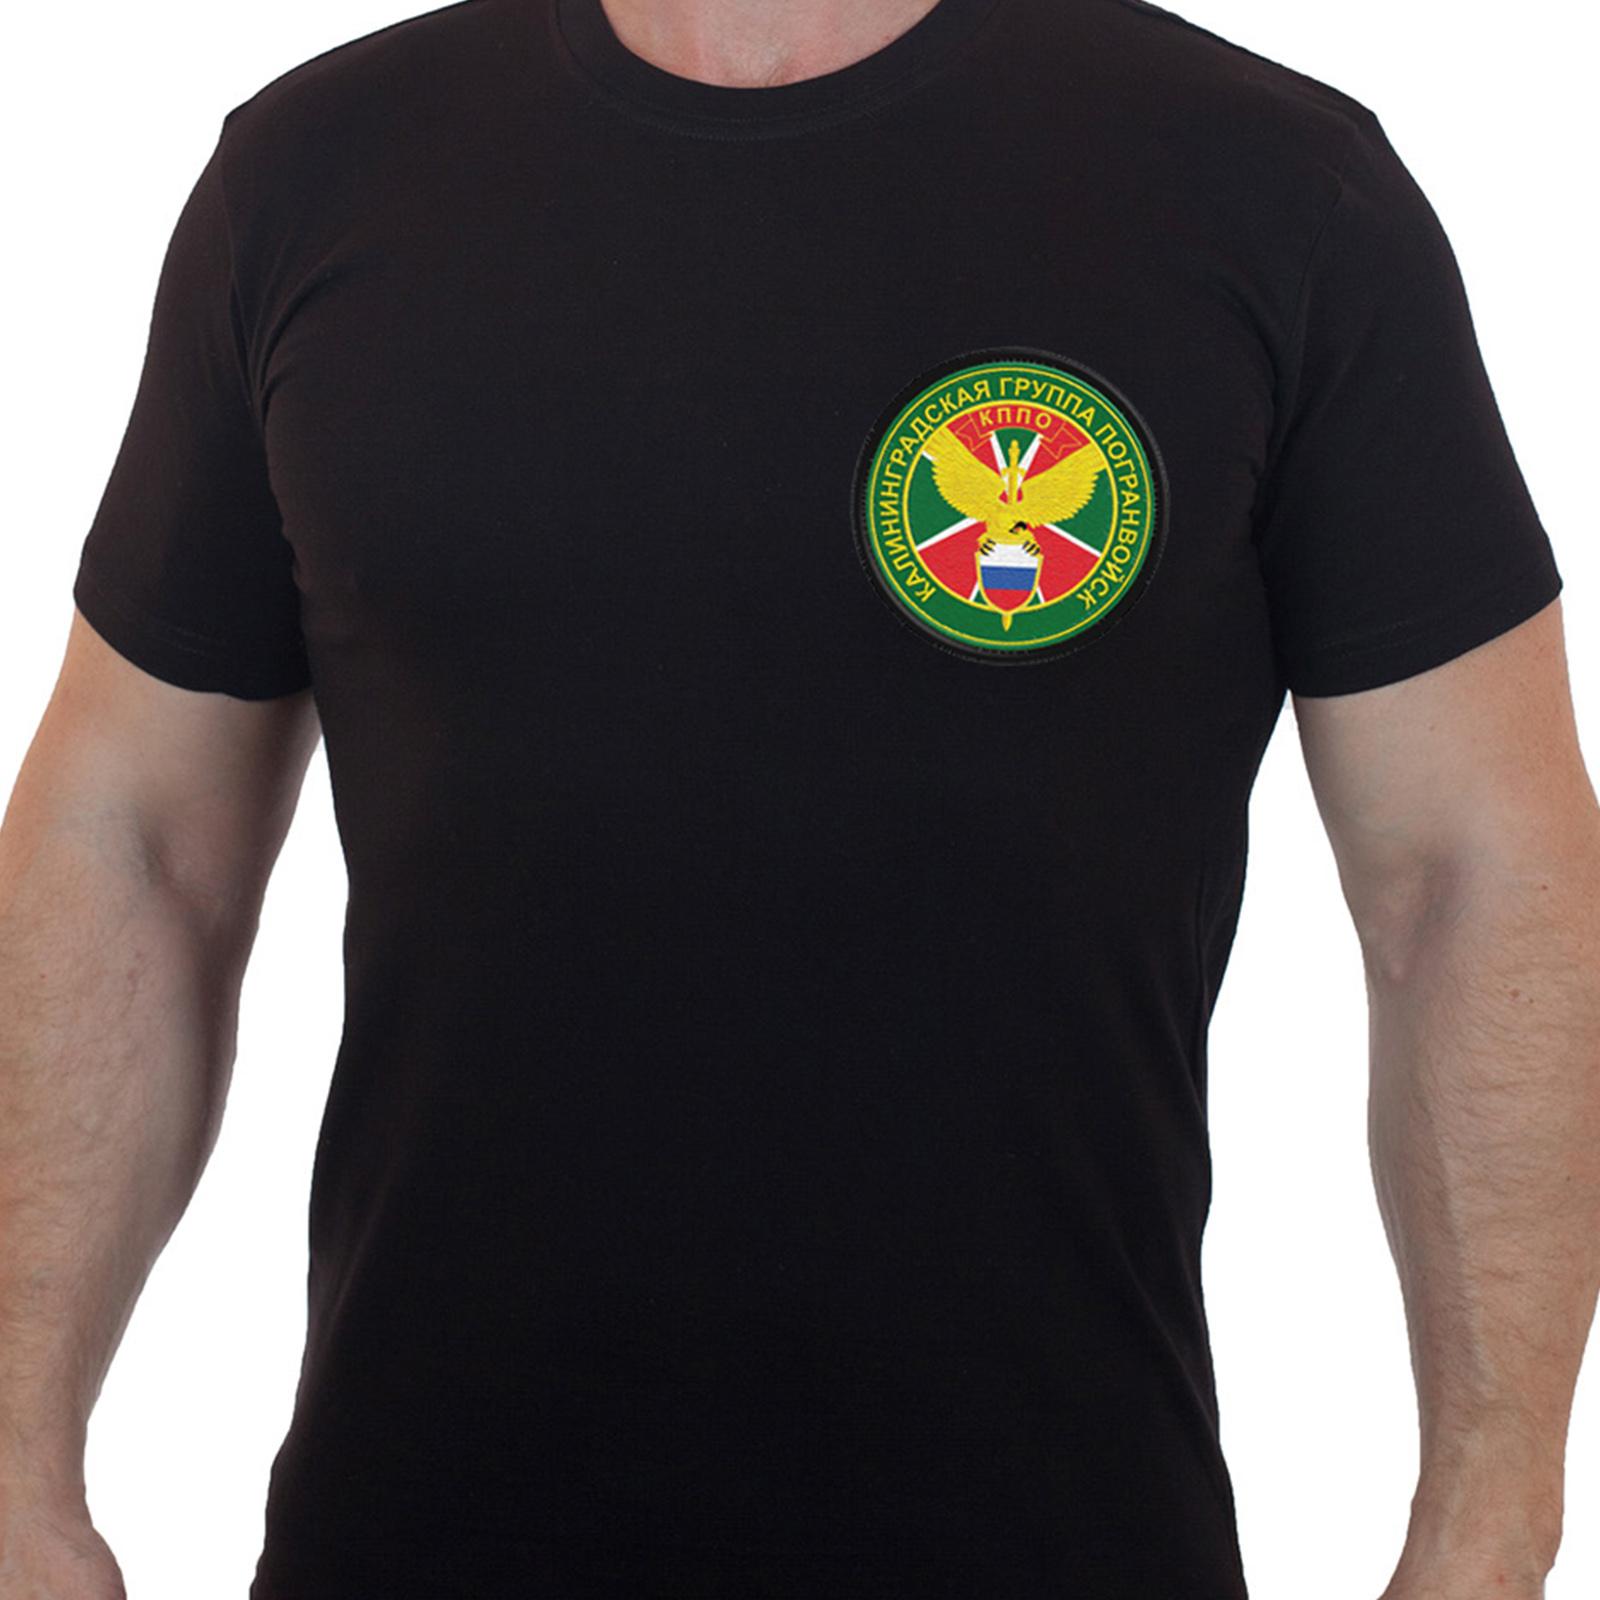 Черная футболка с вышивкой Калининградская группа погранвойск - заказать выгодно